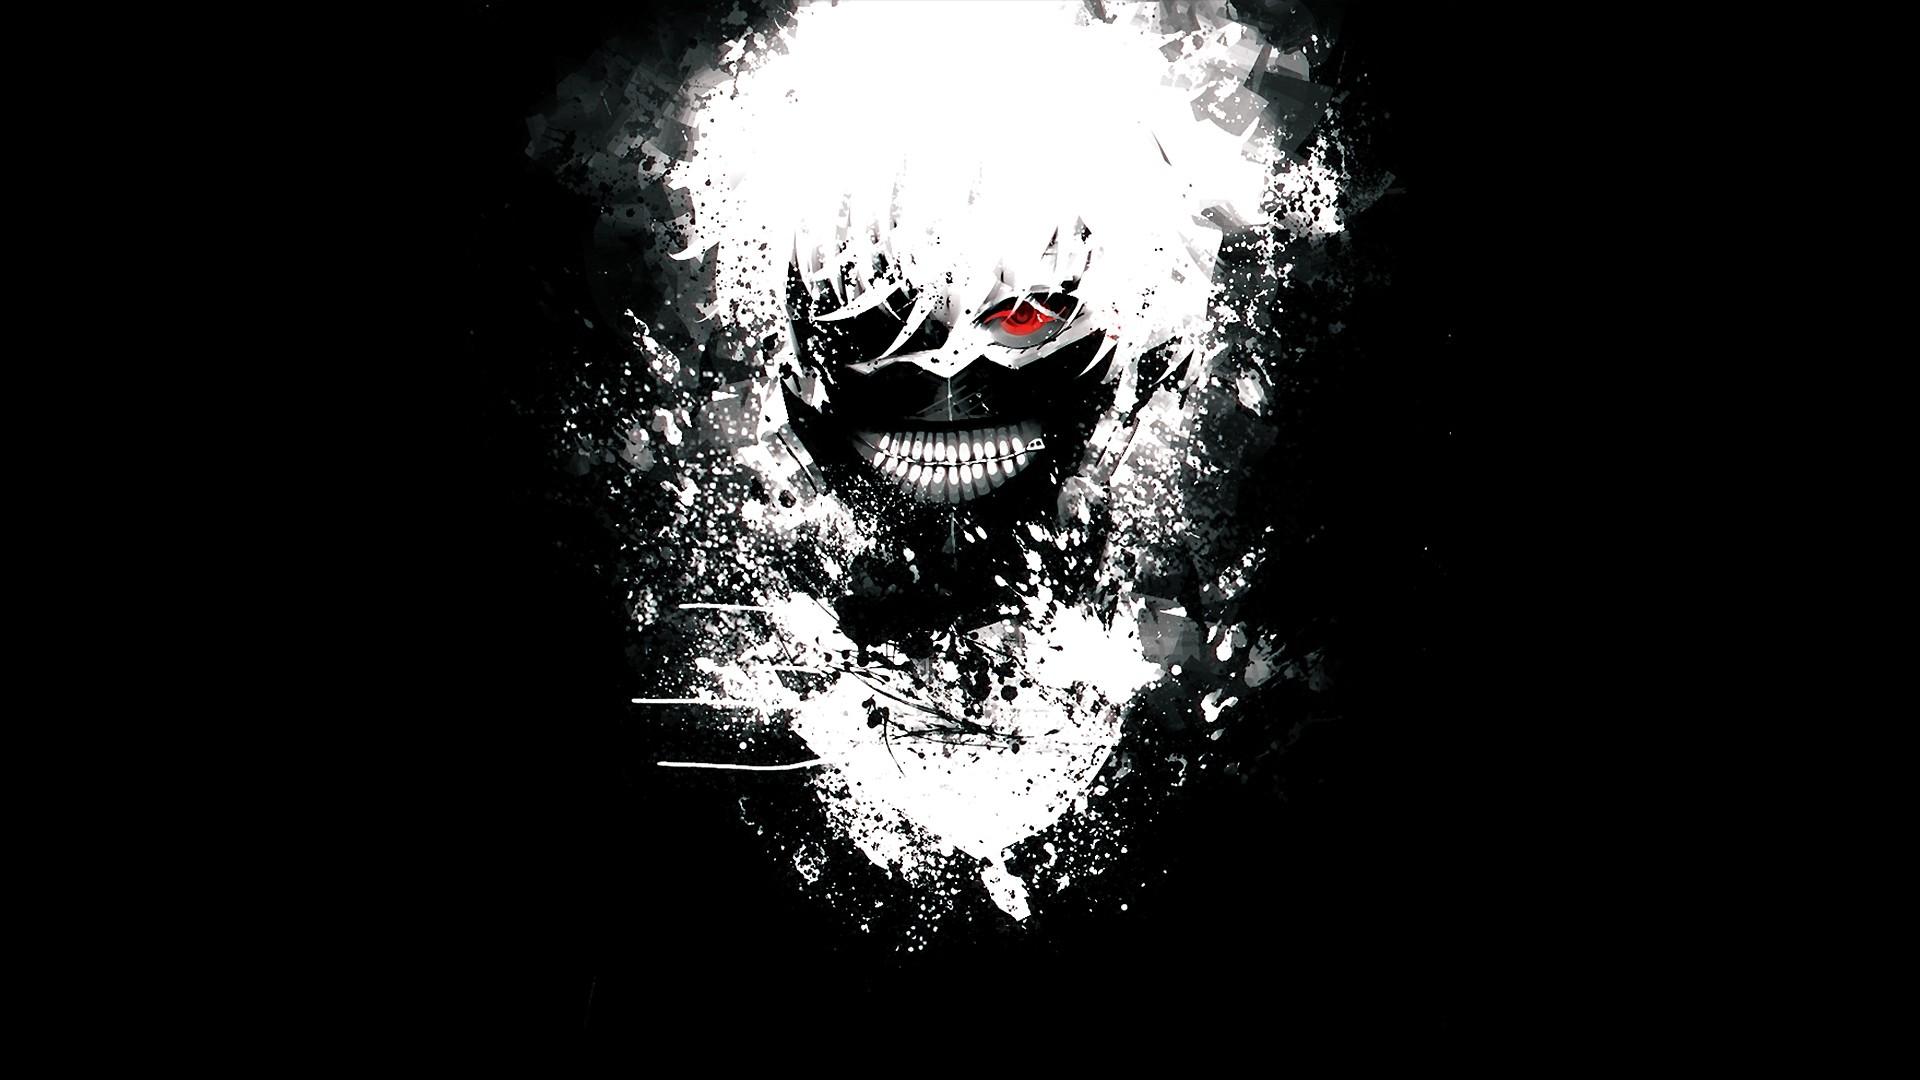 Hình nền anime đen trắng Tokyo Ghoul